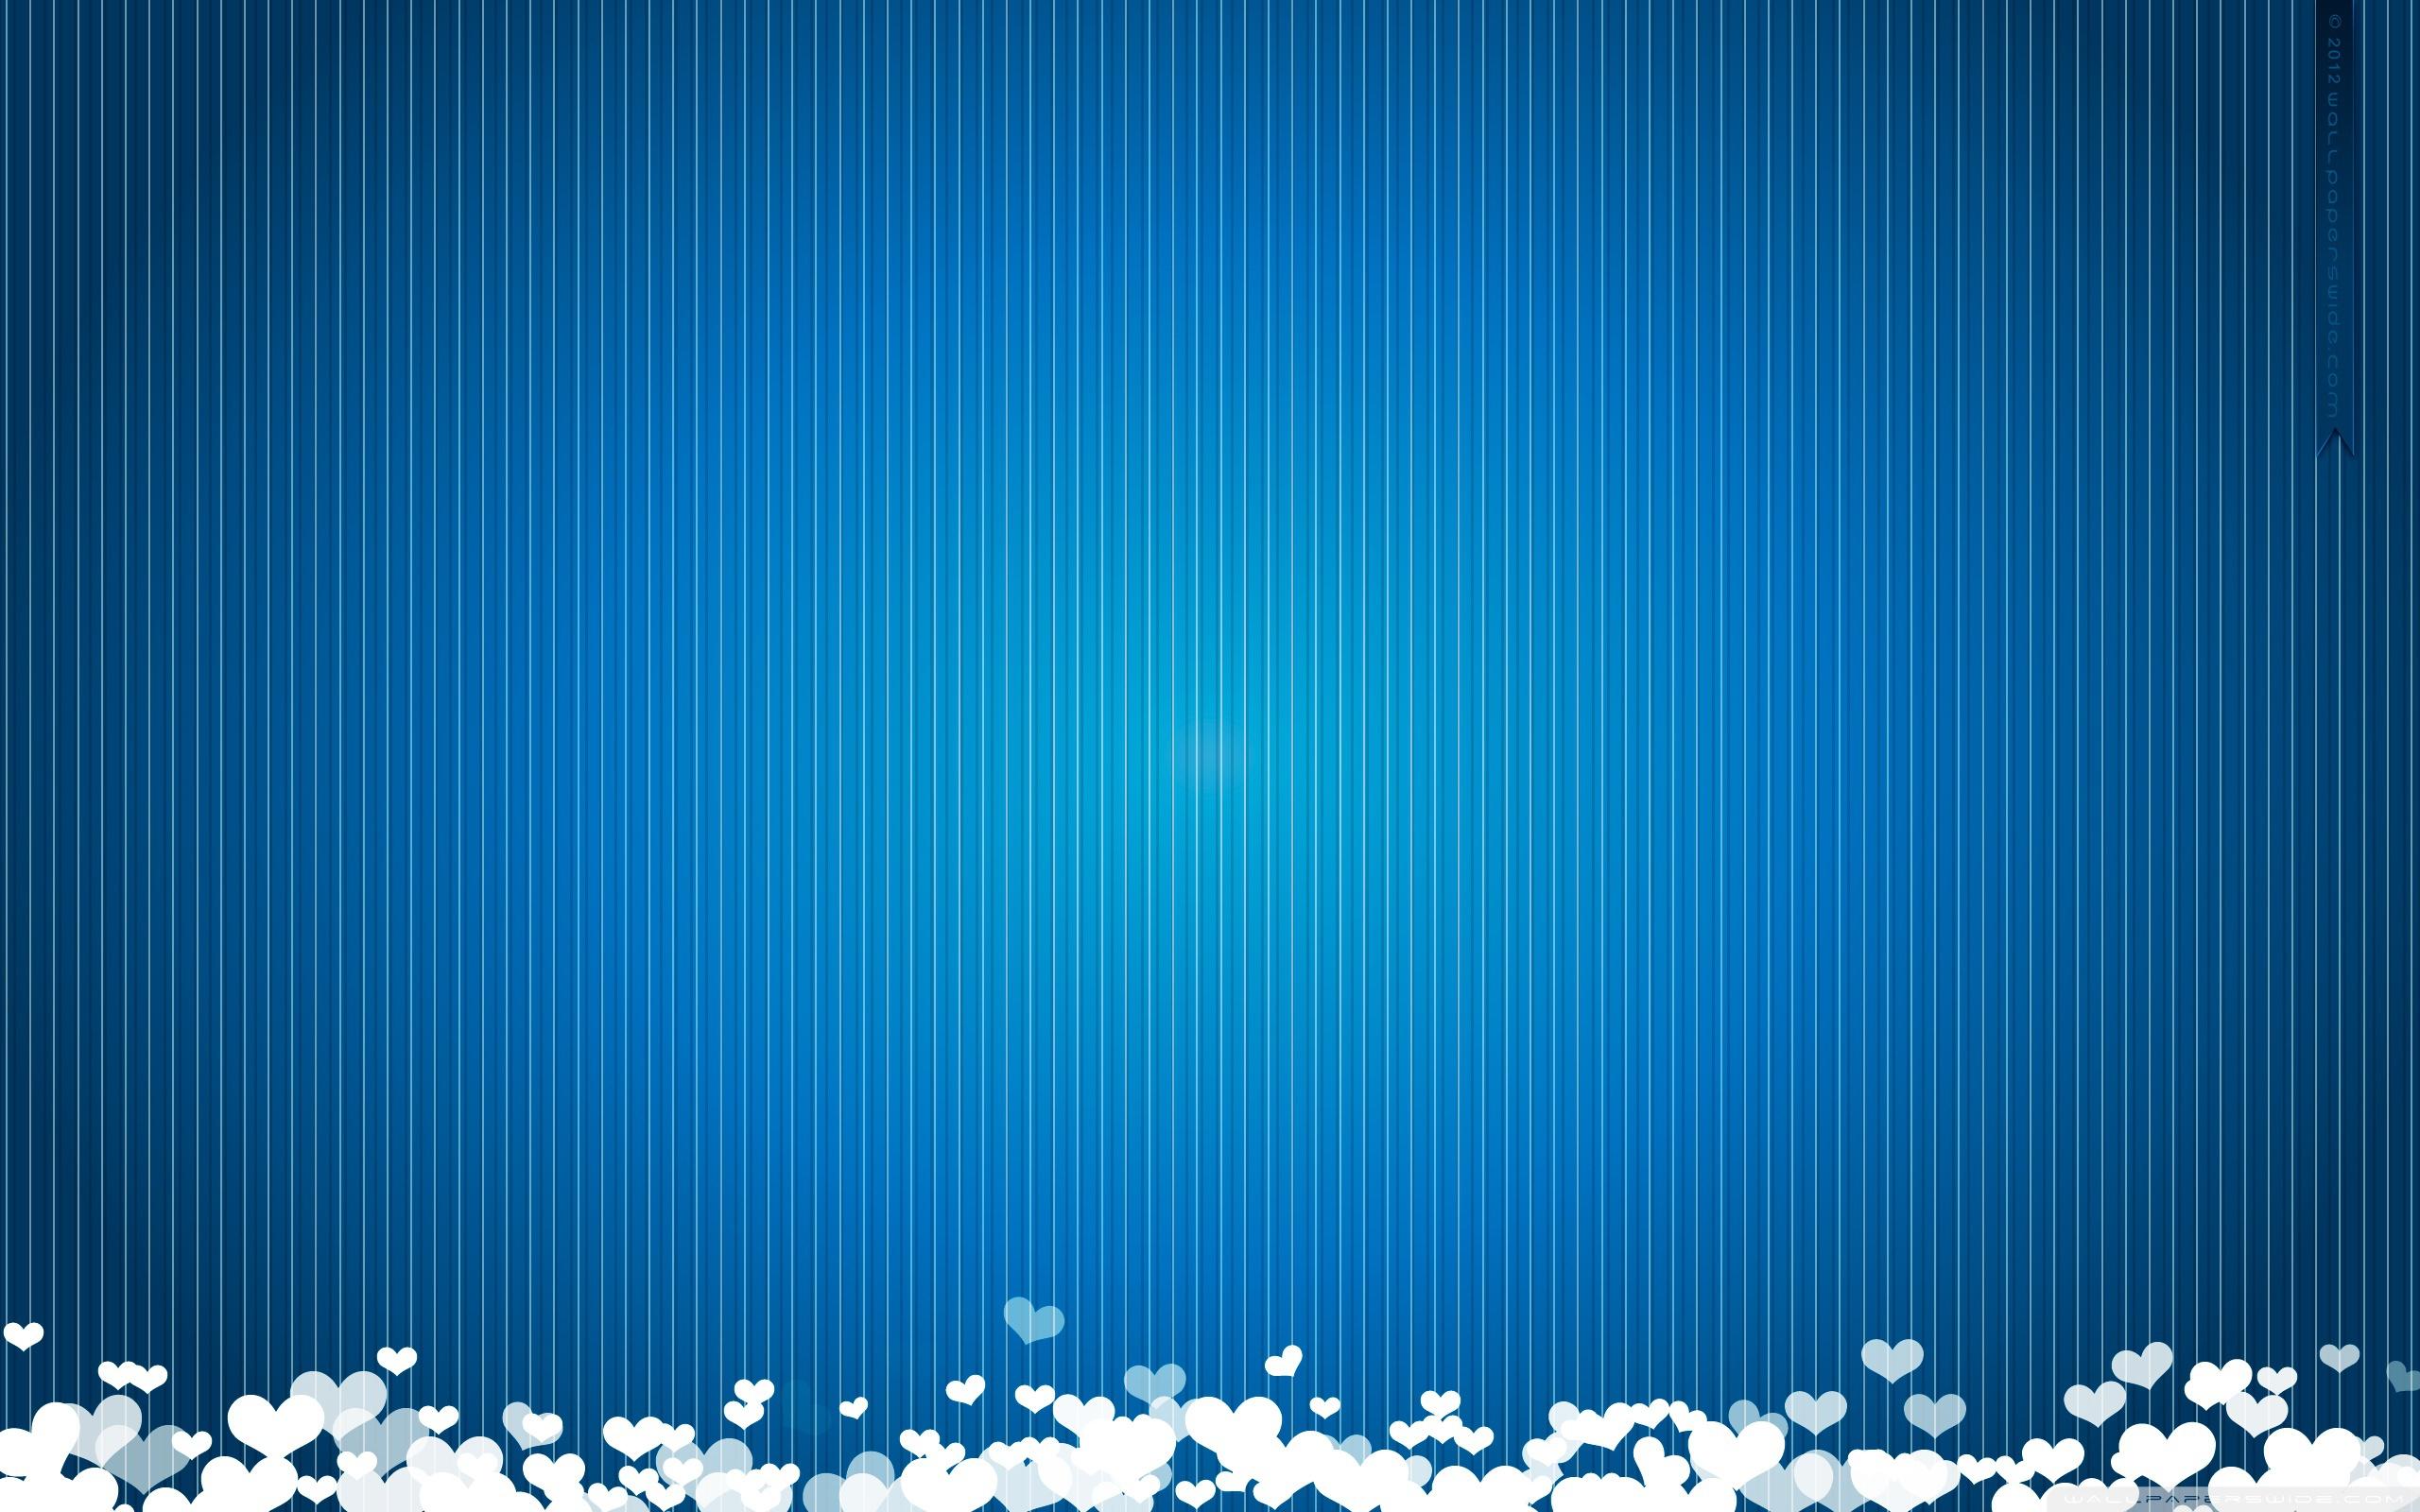 Дракула, картинки голубой фон для презентации